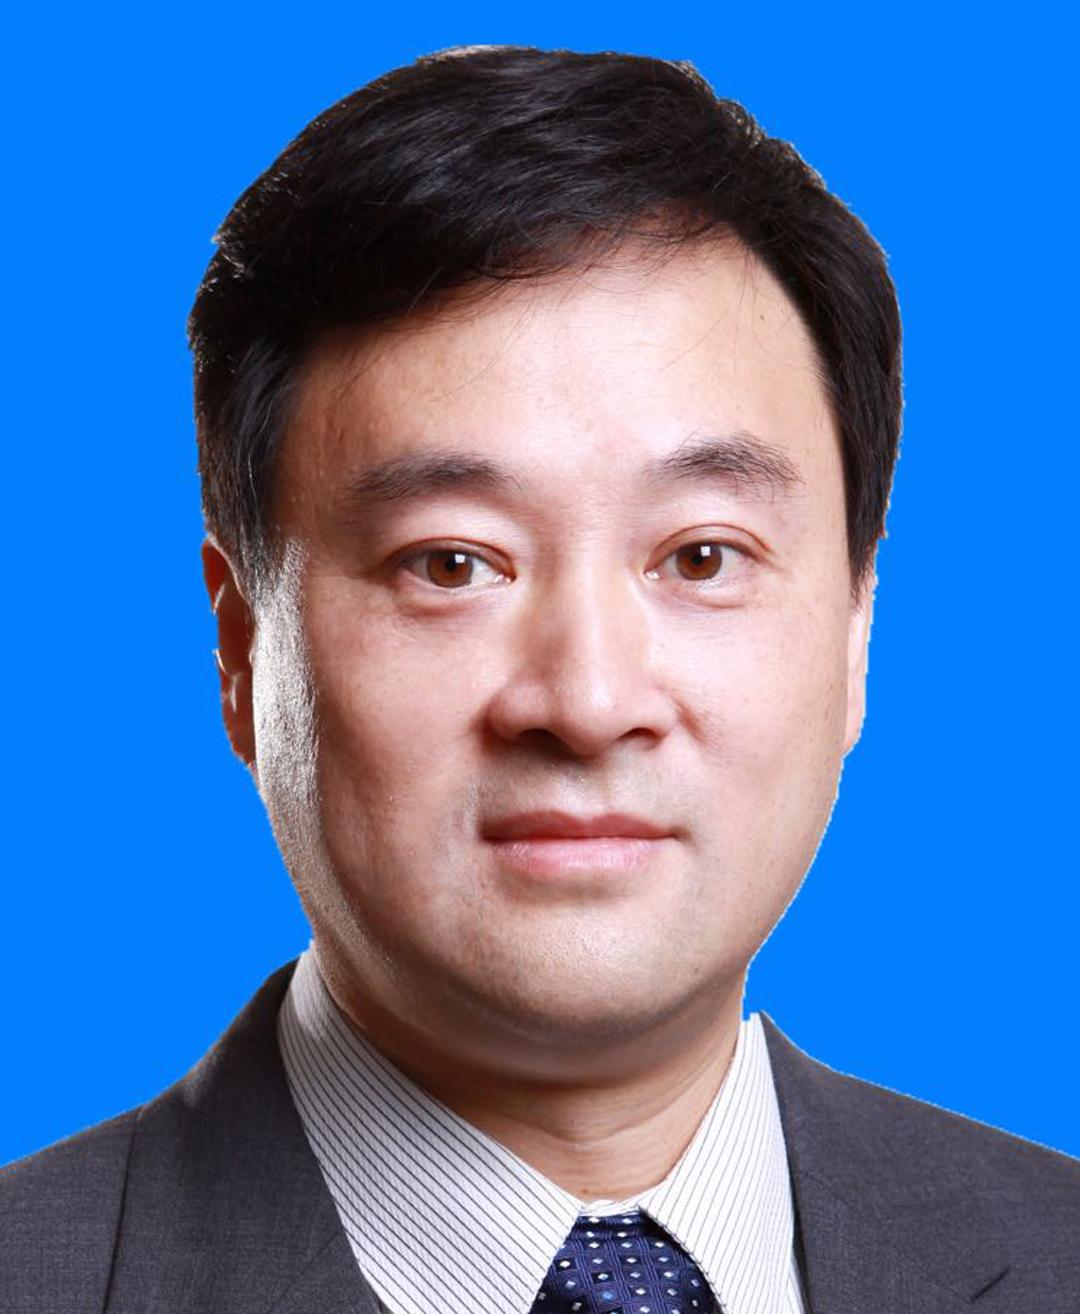 Yingjun Su